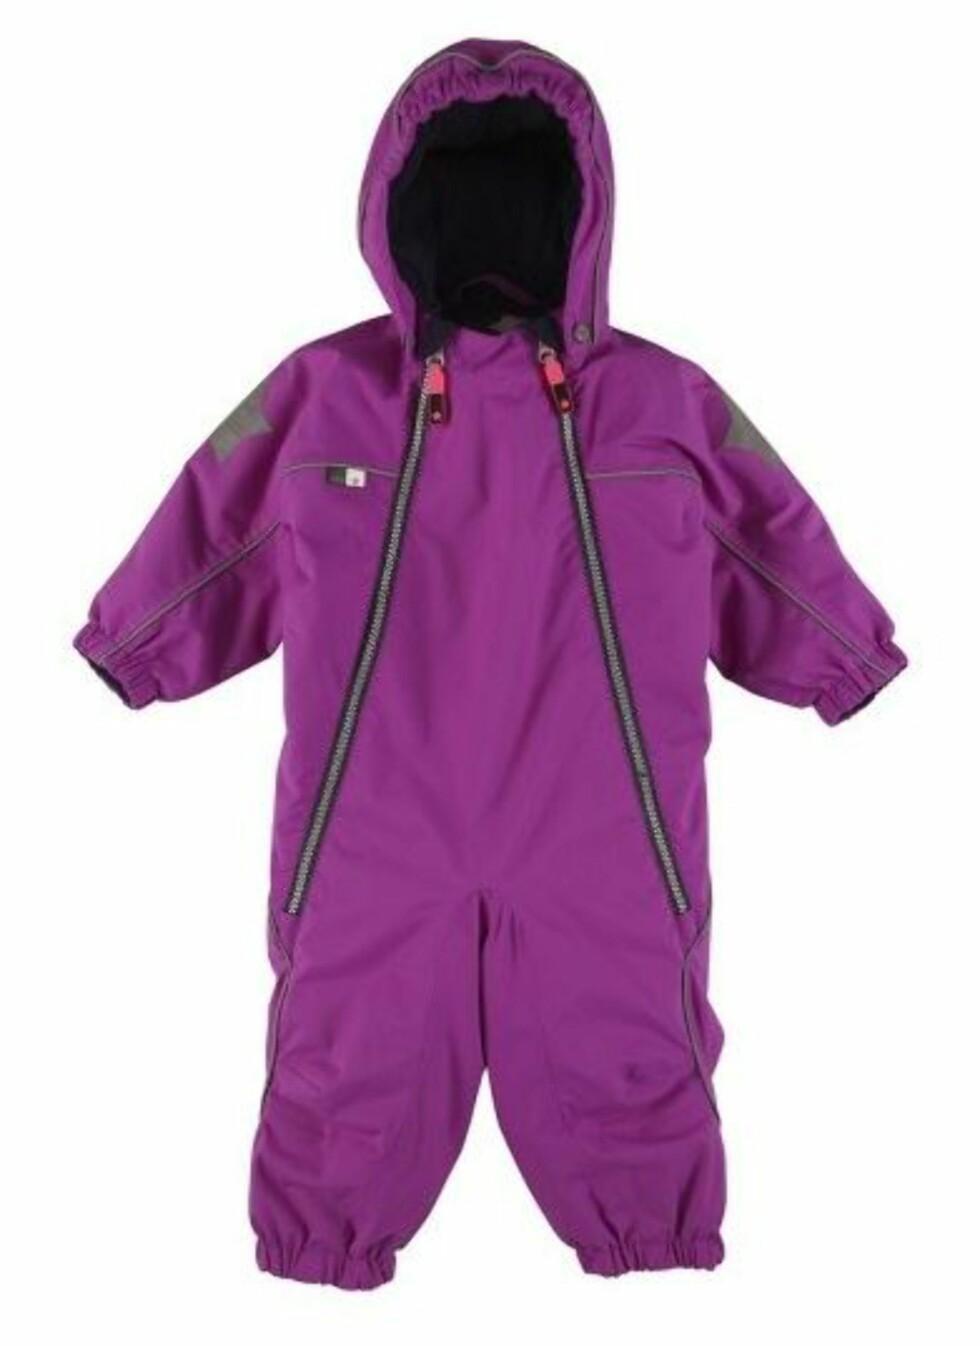 MOLO PYXIS: Fin dress for de minste, som er enkel å få av og på. Pris kr 1198,- hos Miinto.no. Foto: Produsenten